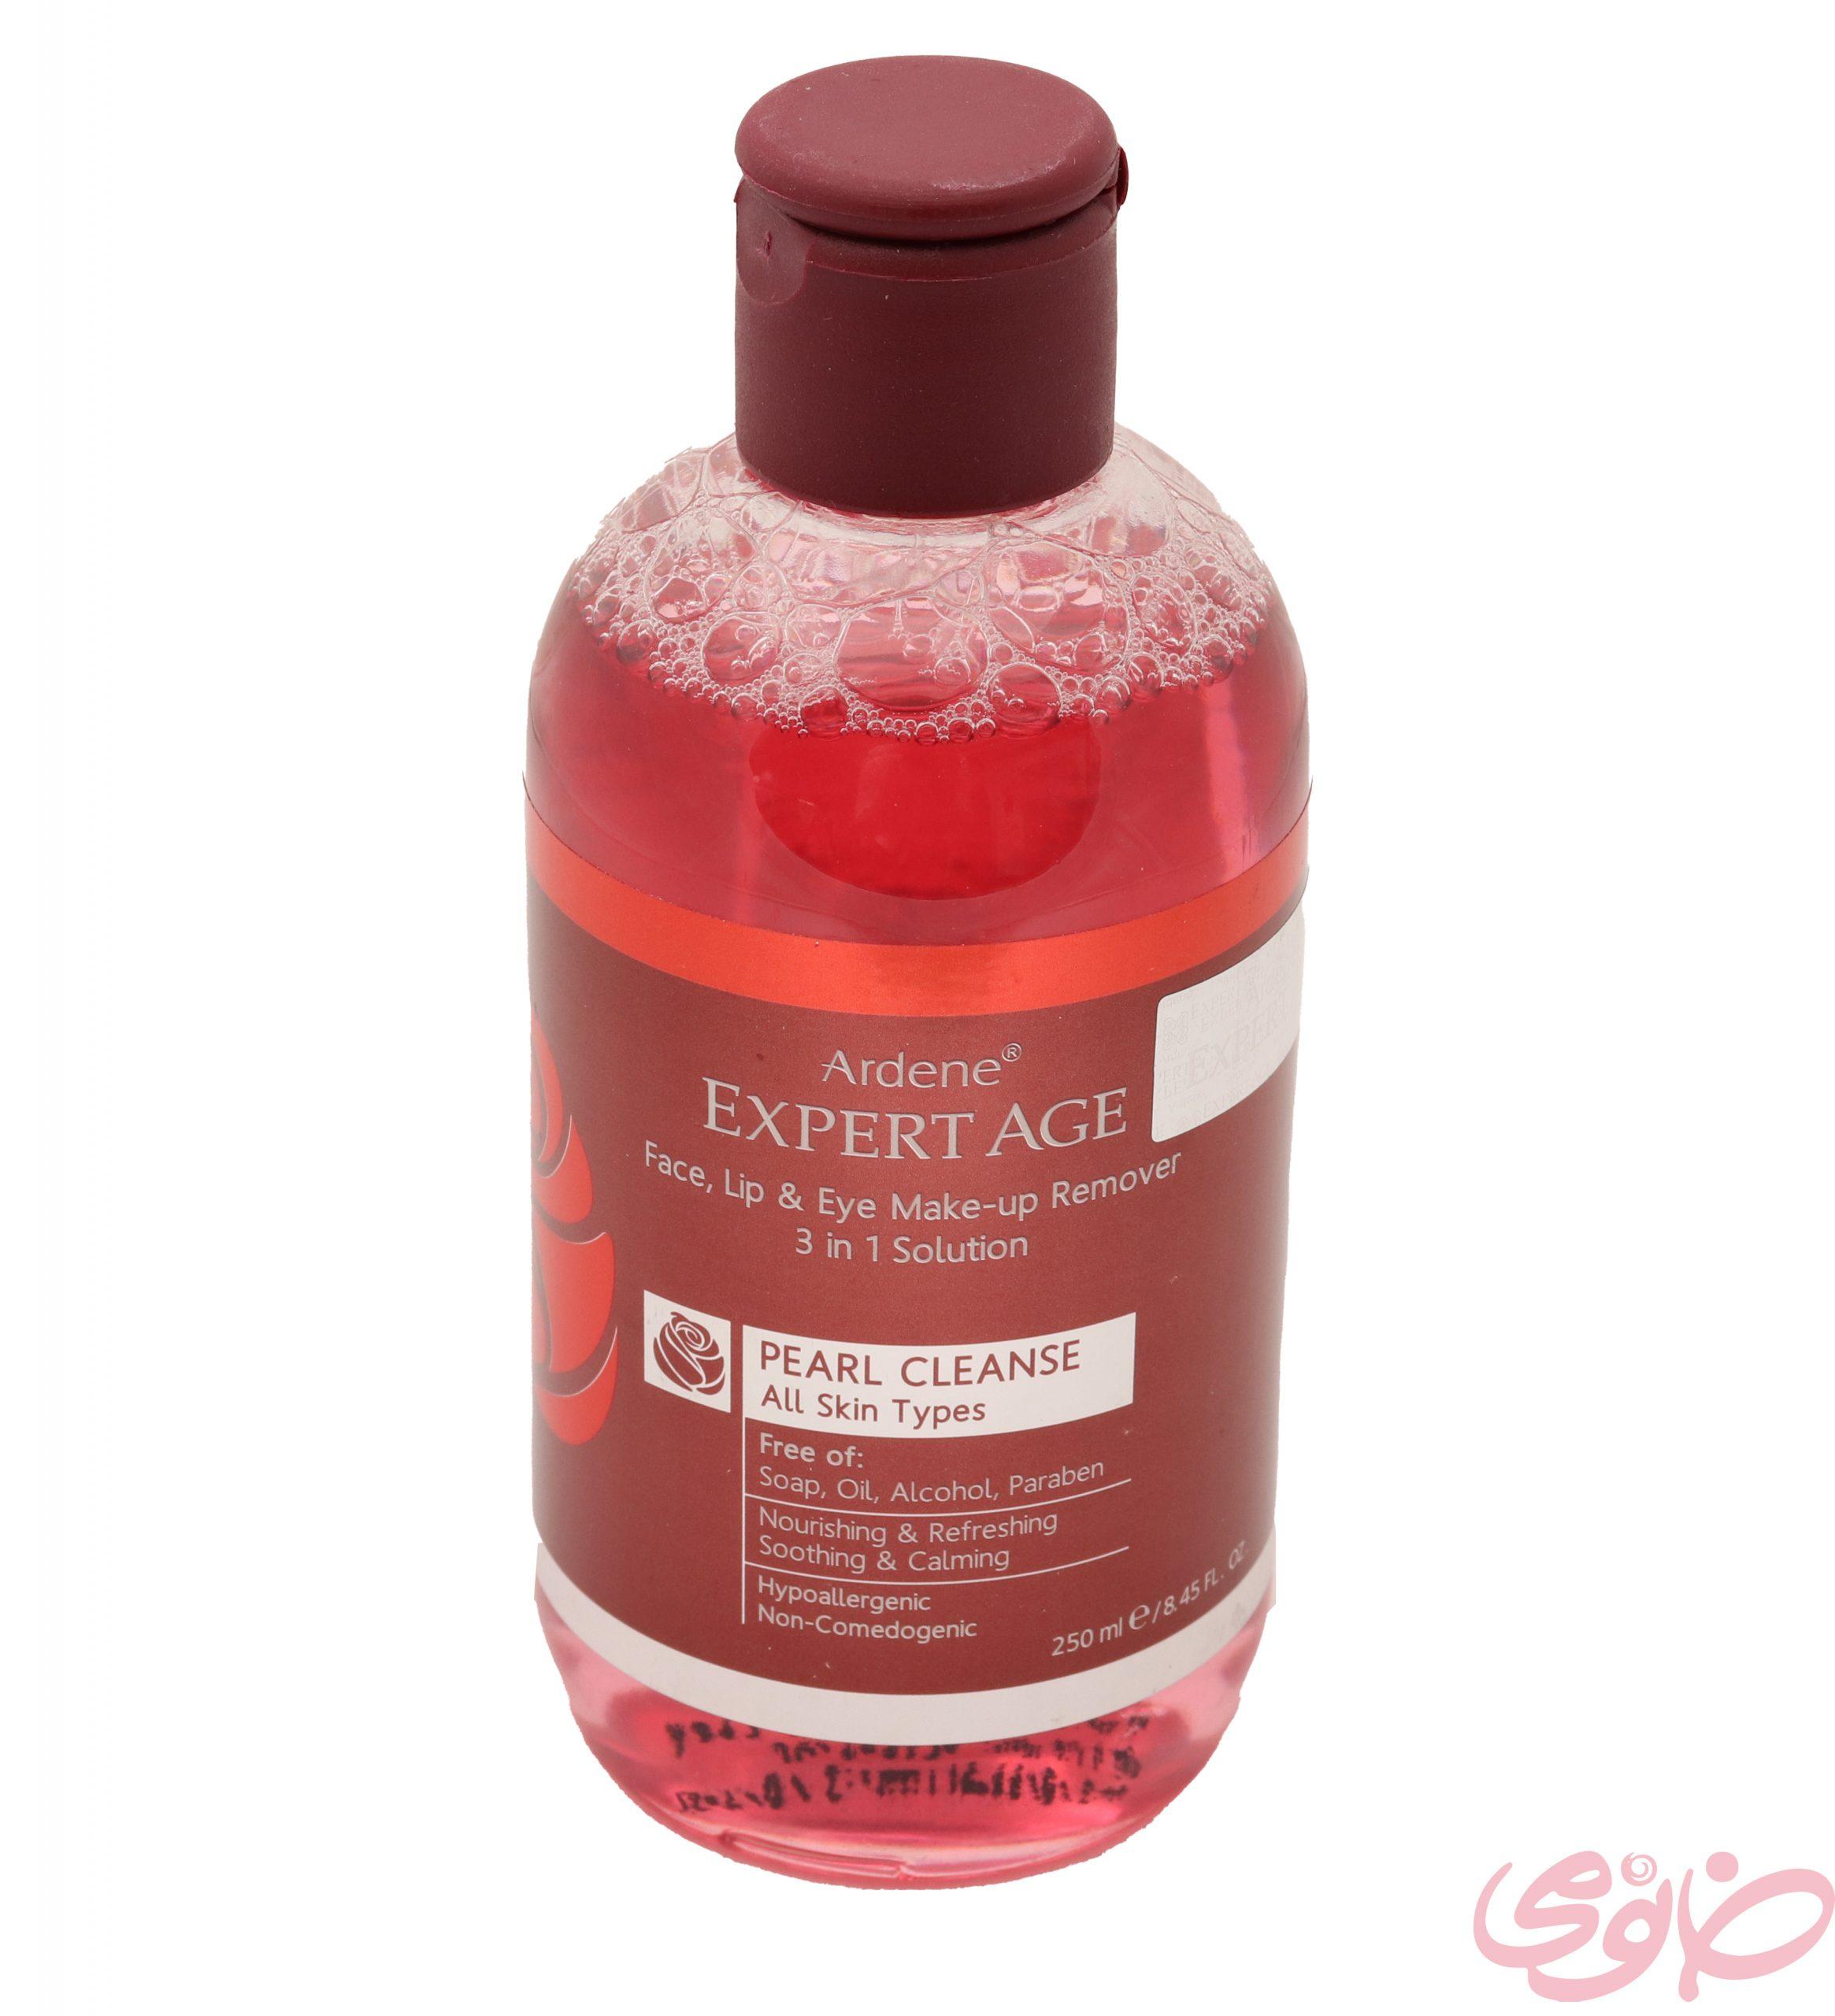 محلول پاک کننده آرایش اکسپرتیج آردن-خانومی